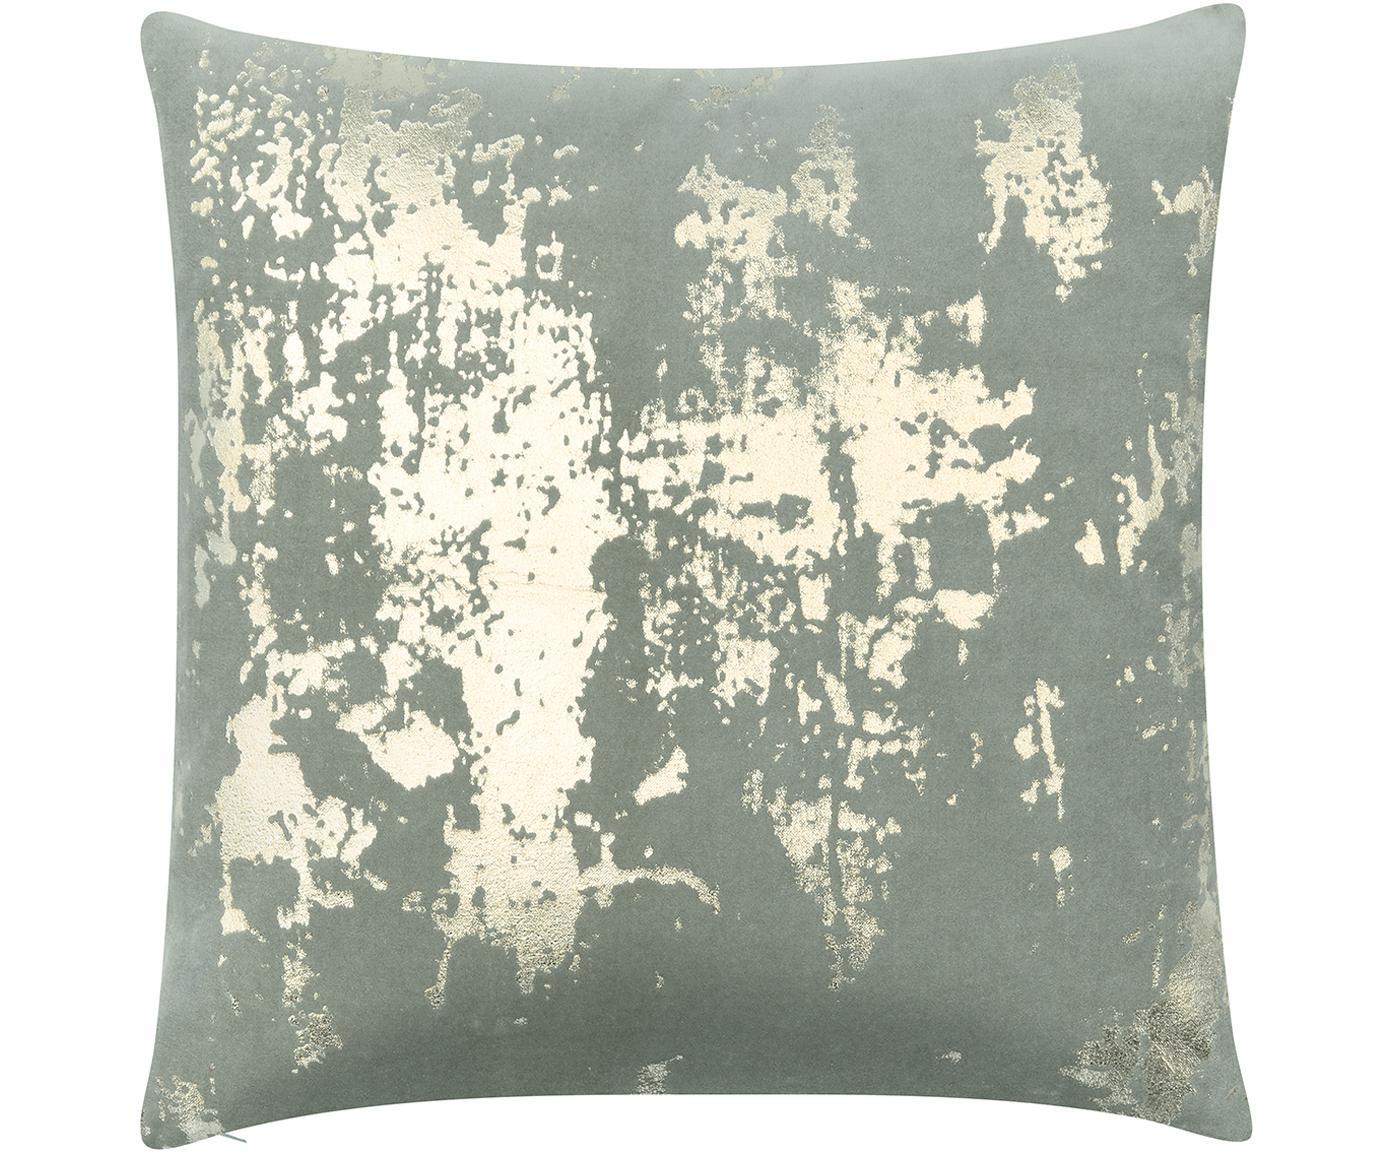 Fluwelen kussenhoes Shiny met glinsterend vintage patroon, Katoenfluweel, Saliegroen, goudkleurig, 40 x 40 cm